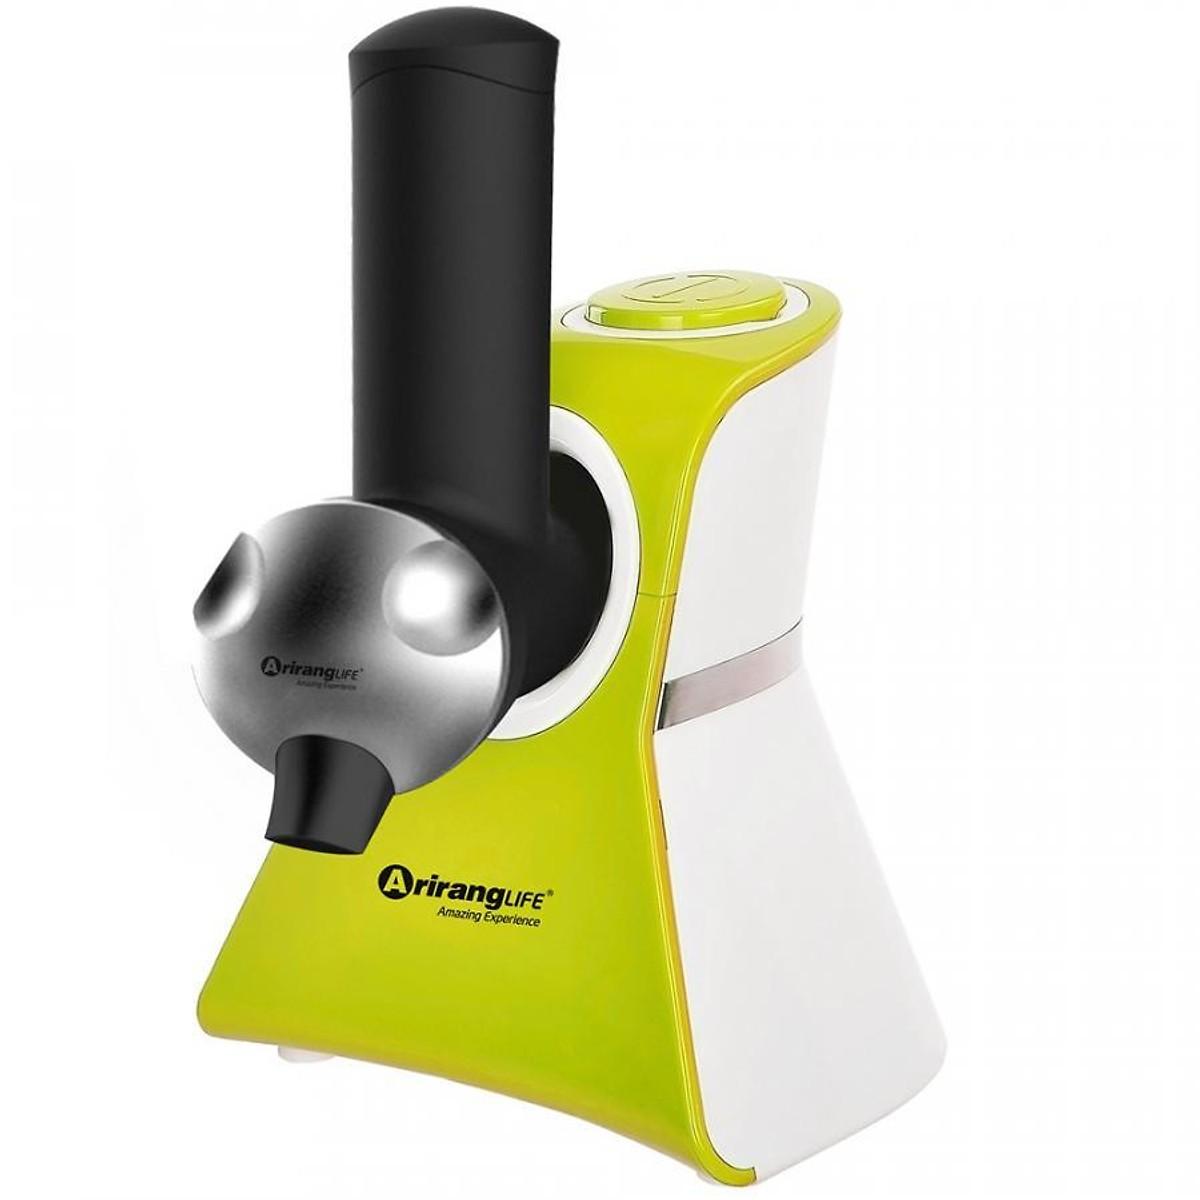 Mua máy làm kem gia đình loại nào tốt Tiross, Kahchan hay Eurohome? 1